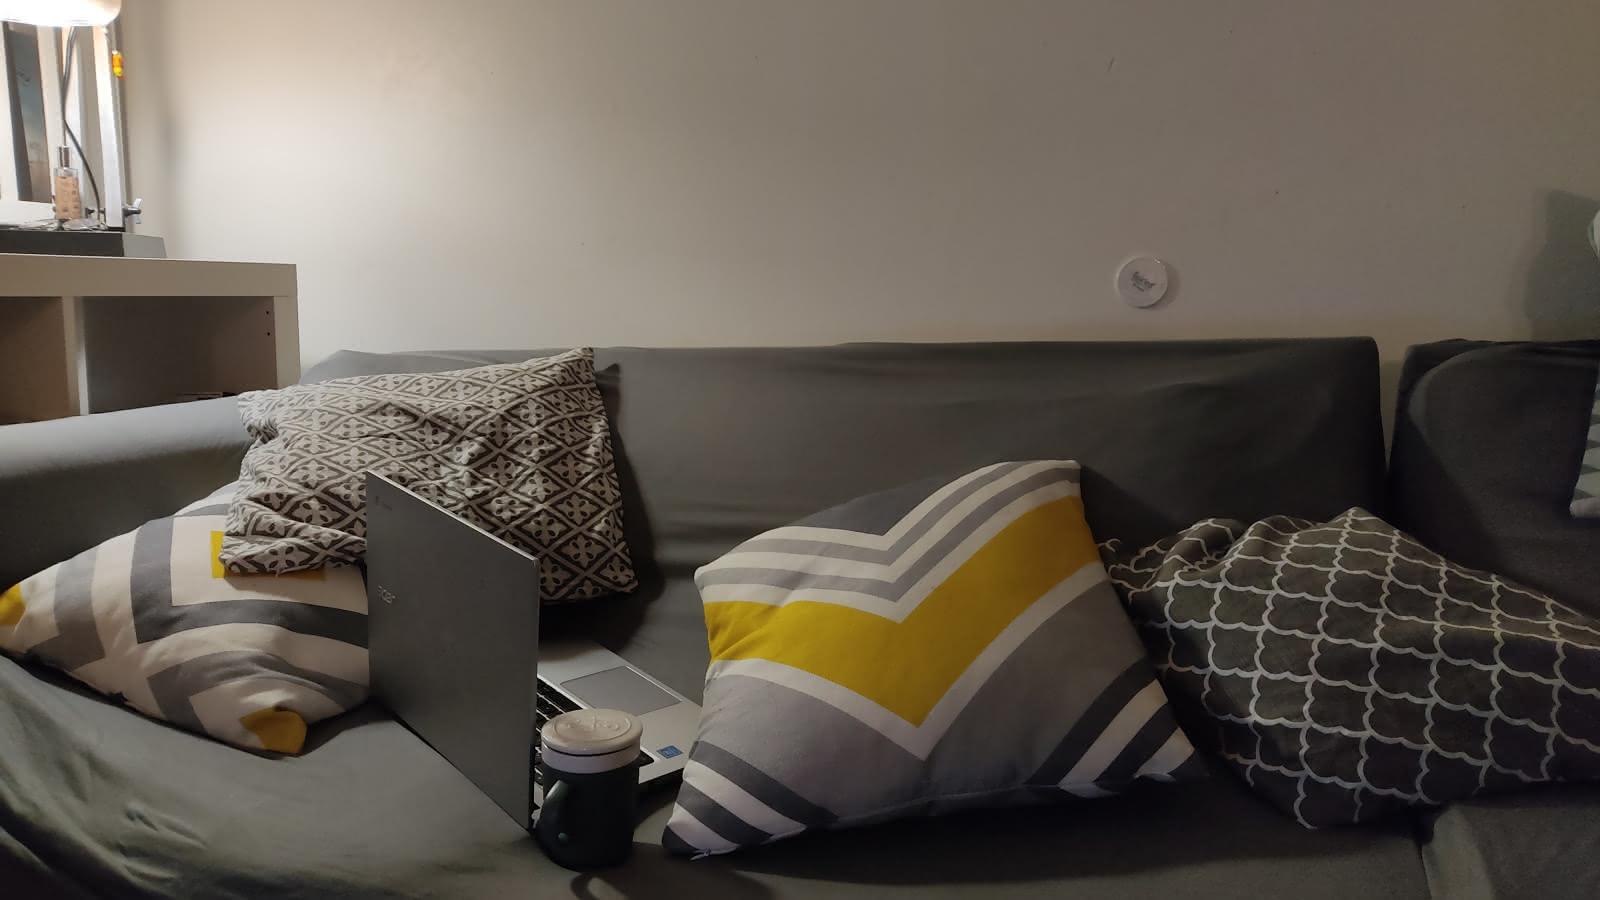 Photo d'un canapé et d'un ordinateur pc